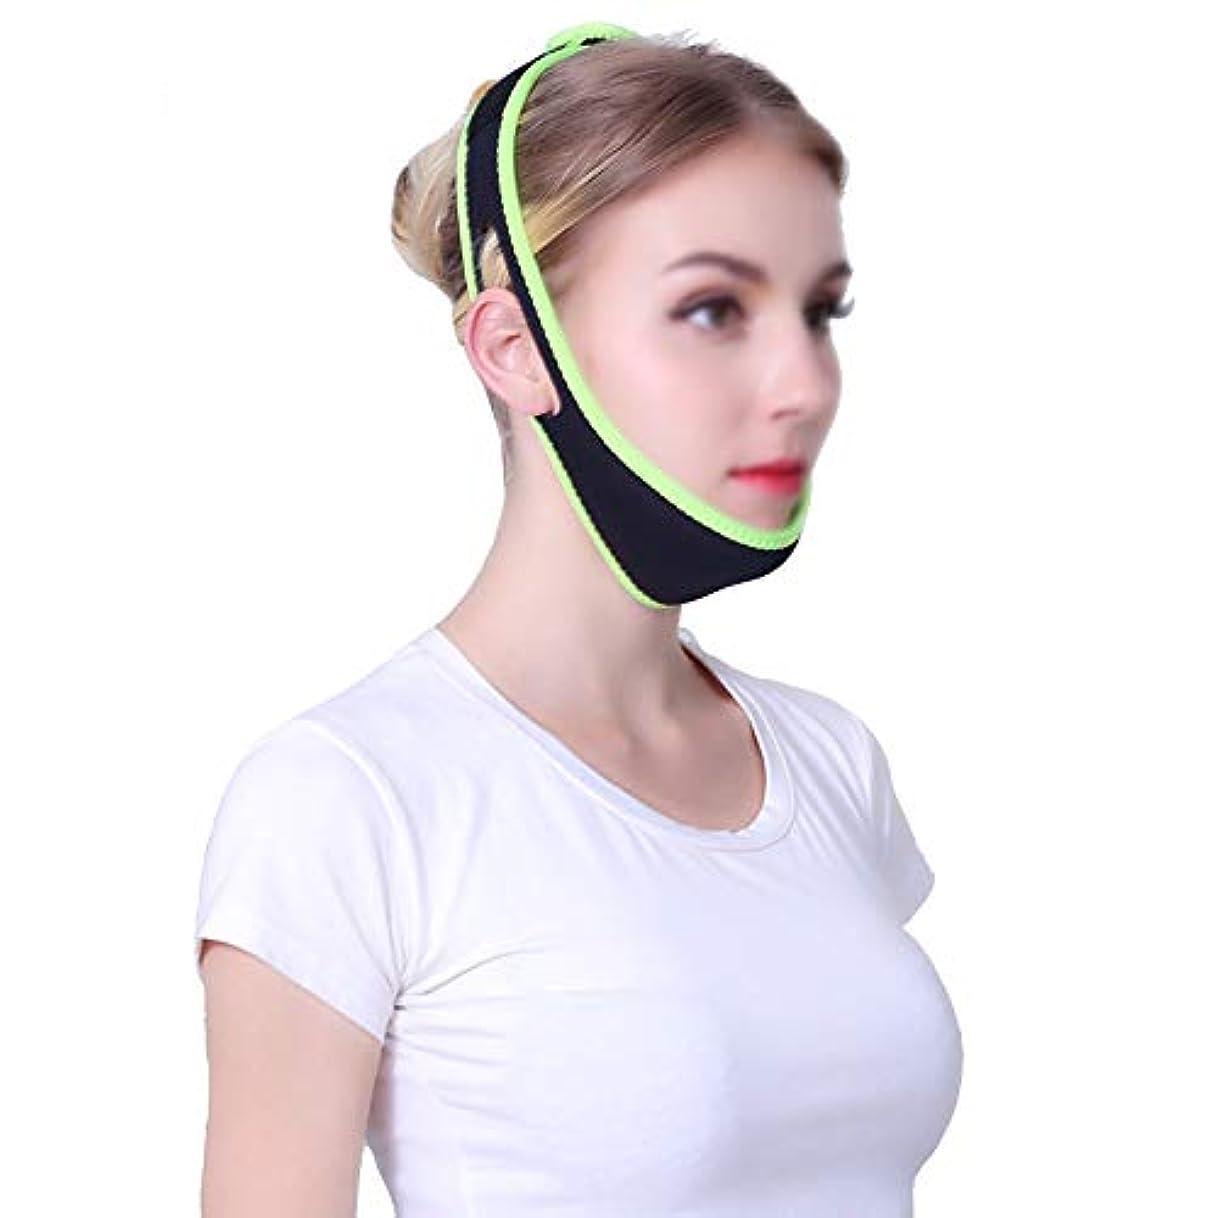 正当化する戻るギャップGLJJQMY 引き締めフェイスマスク小型Vフェイスアーティファクト睡眠薄いフェイス包帯マスクリフティングマスク引き締めクリームフェイスリフティングフェイス楽器 顔用整形マスク